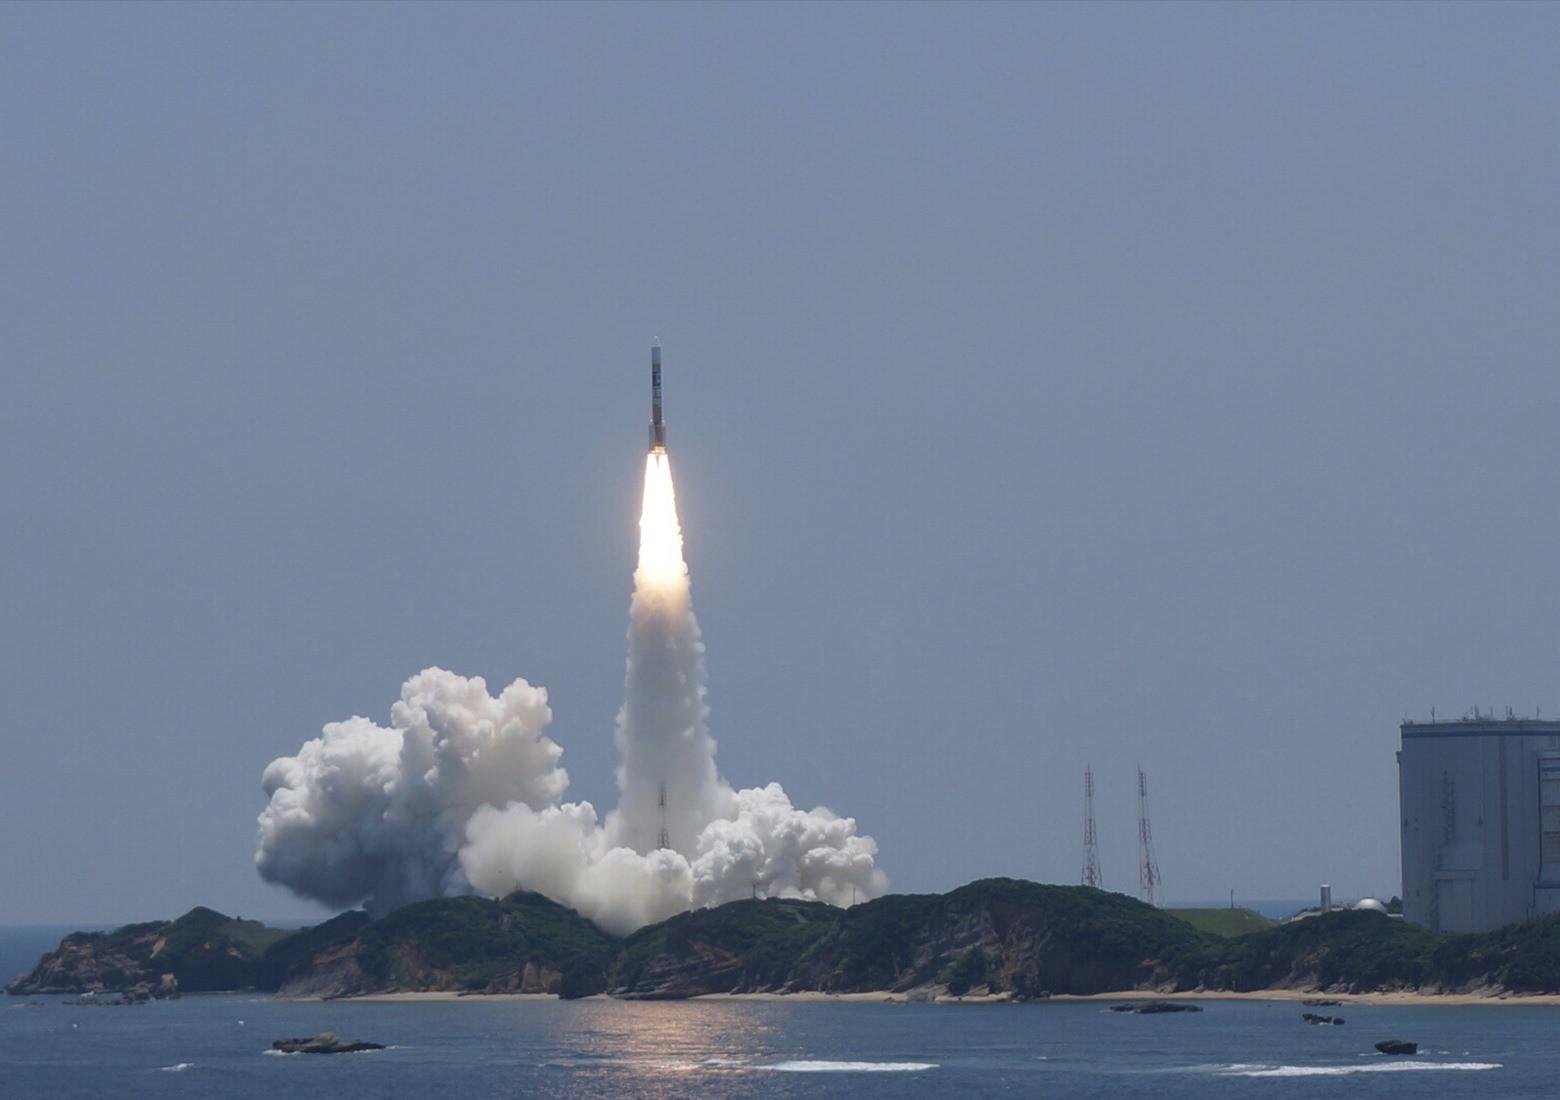 インターステラテクノロジズ株式会社 ロケット広告販売営業代理店契約の締結のお知らせ